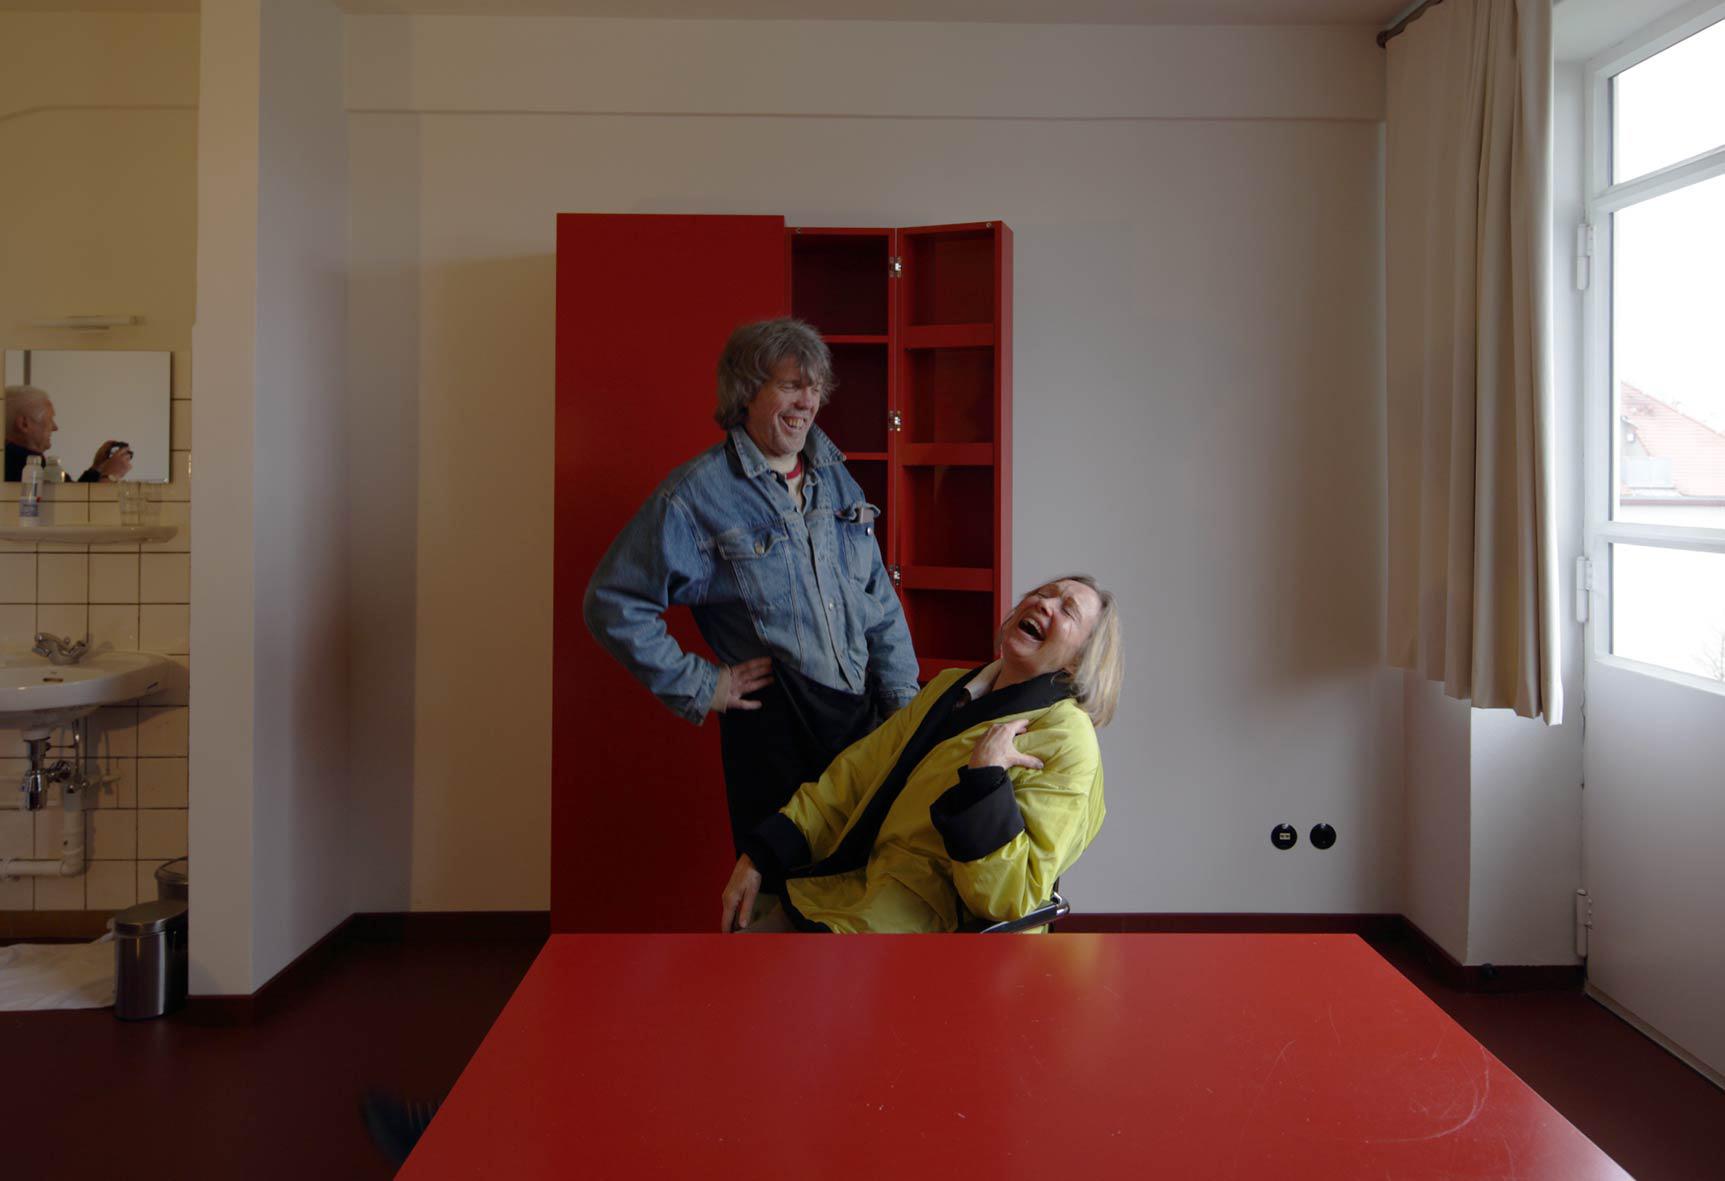 Fotoaktion im Hotelzimmer Dessau